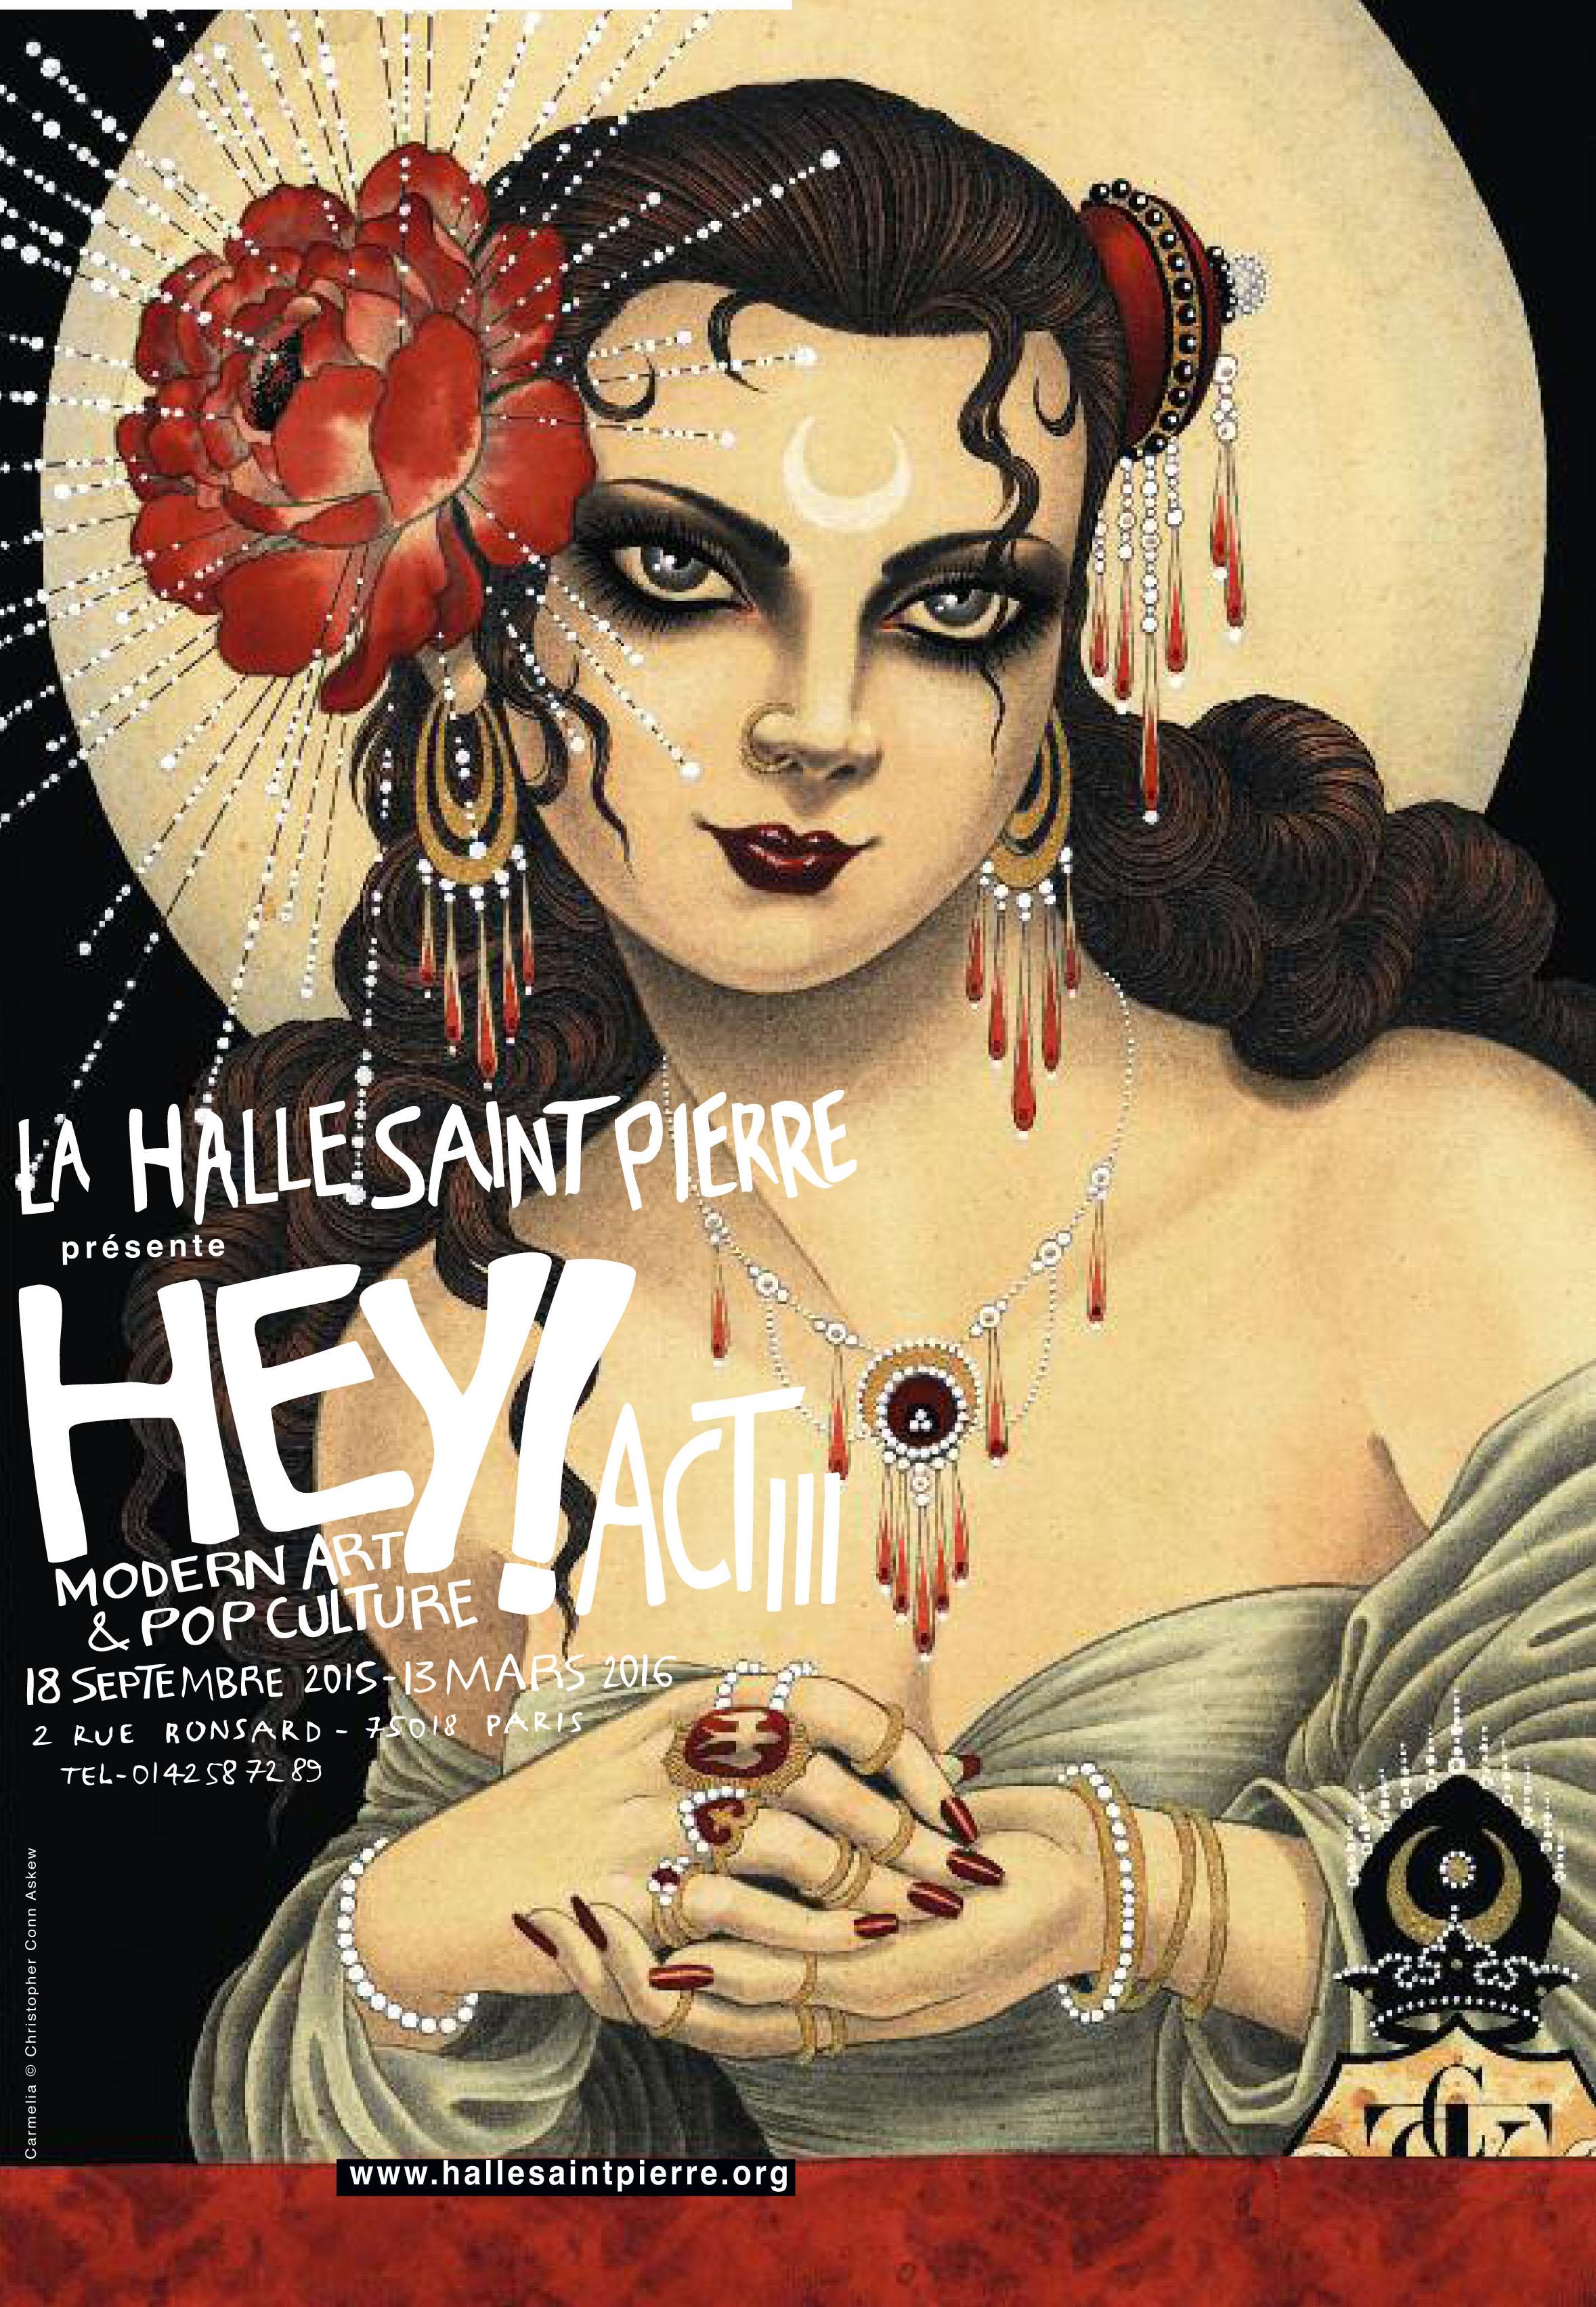 L'exposition « Hey ! » revient avec un troisième acte salvateur